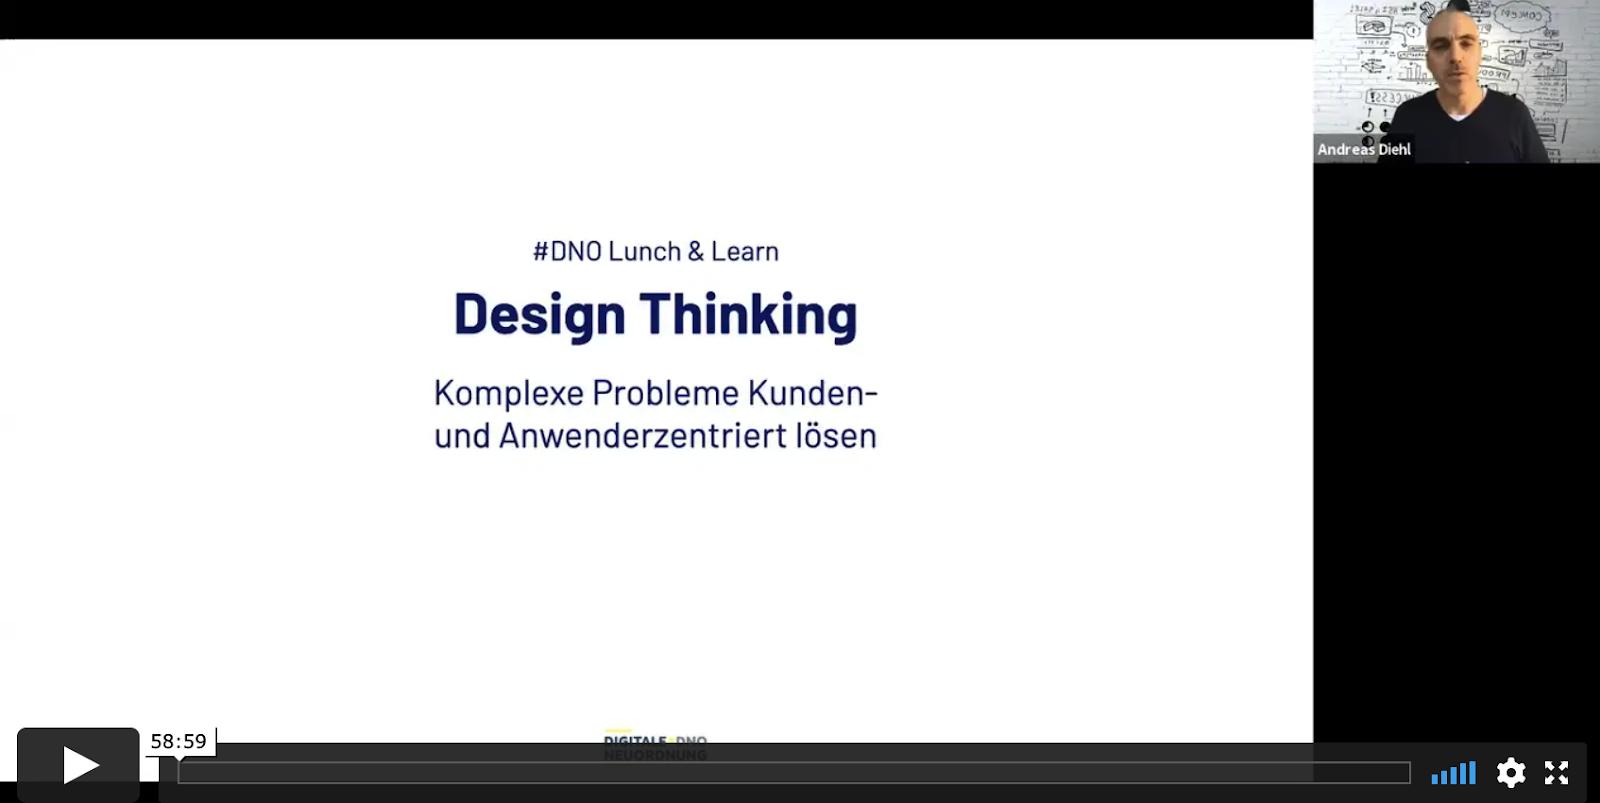 Einführung in die Design Thinking Methode - Aufzeichnung #DNO Lunch & Learn